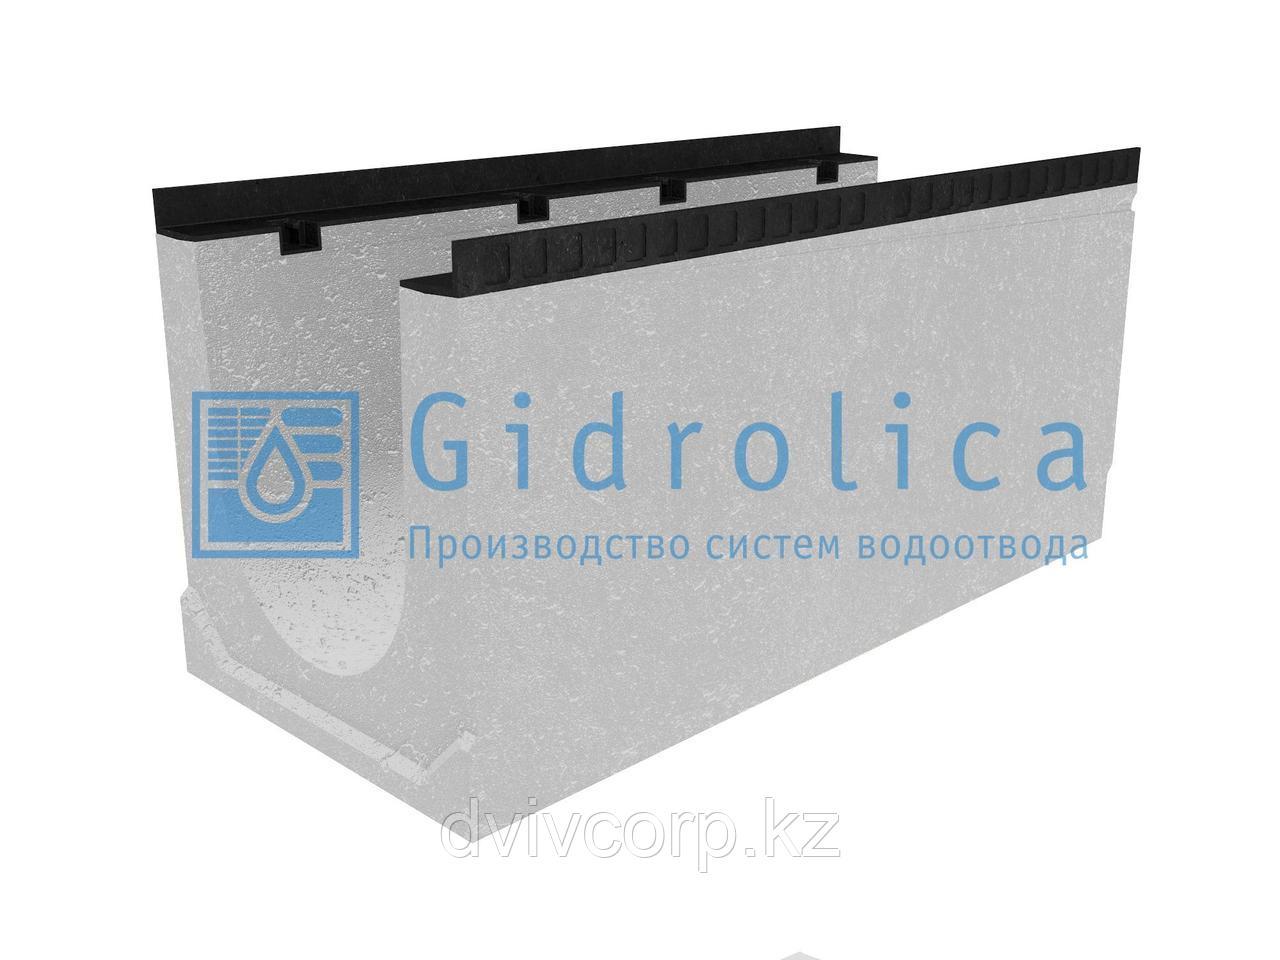 Лоток водоотводный бетонный коробчатый (СО-300мм), с уклоном 0,5%  КUу 100.44(30).49,5(42,5) - BGМ, № 9